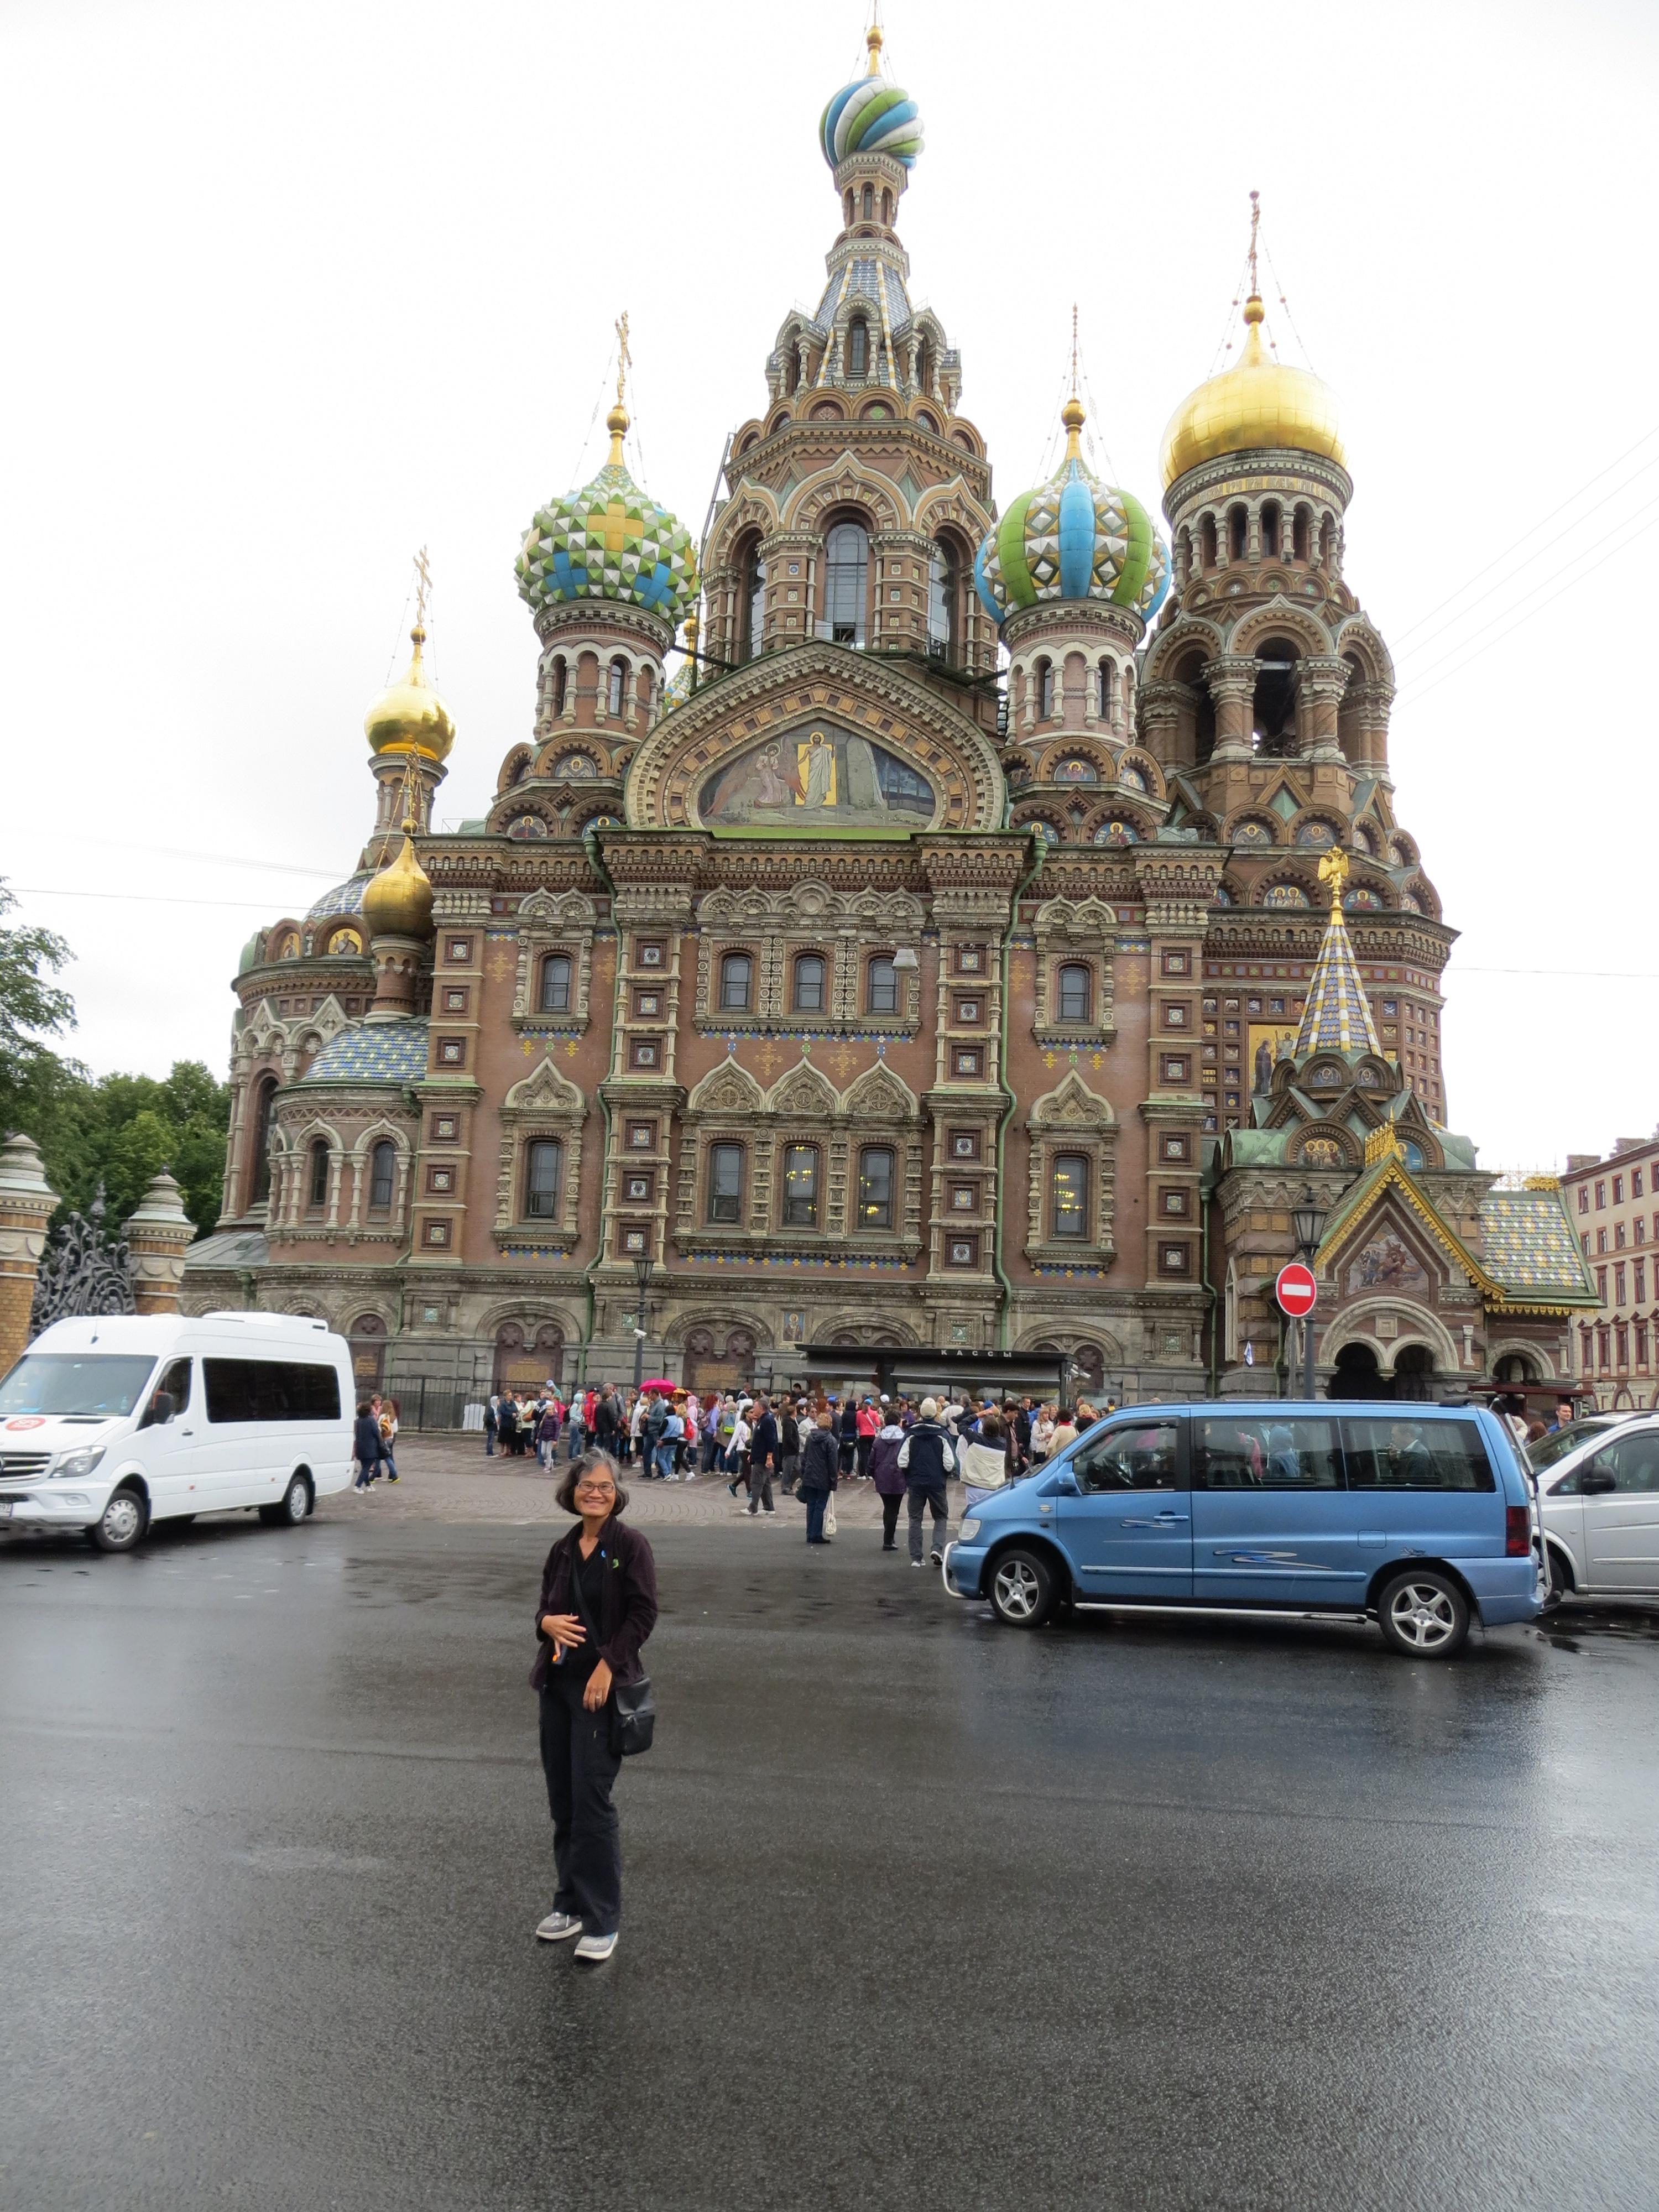 St Petersburg spilled blood MM 298